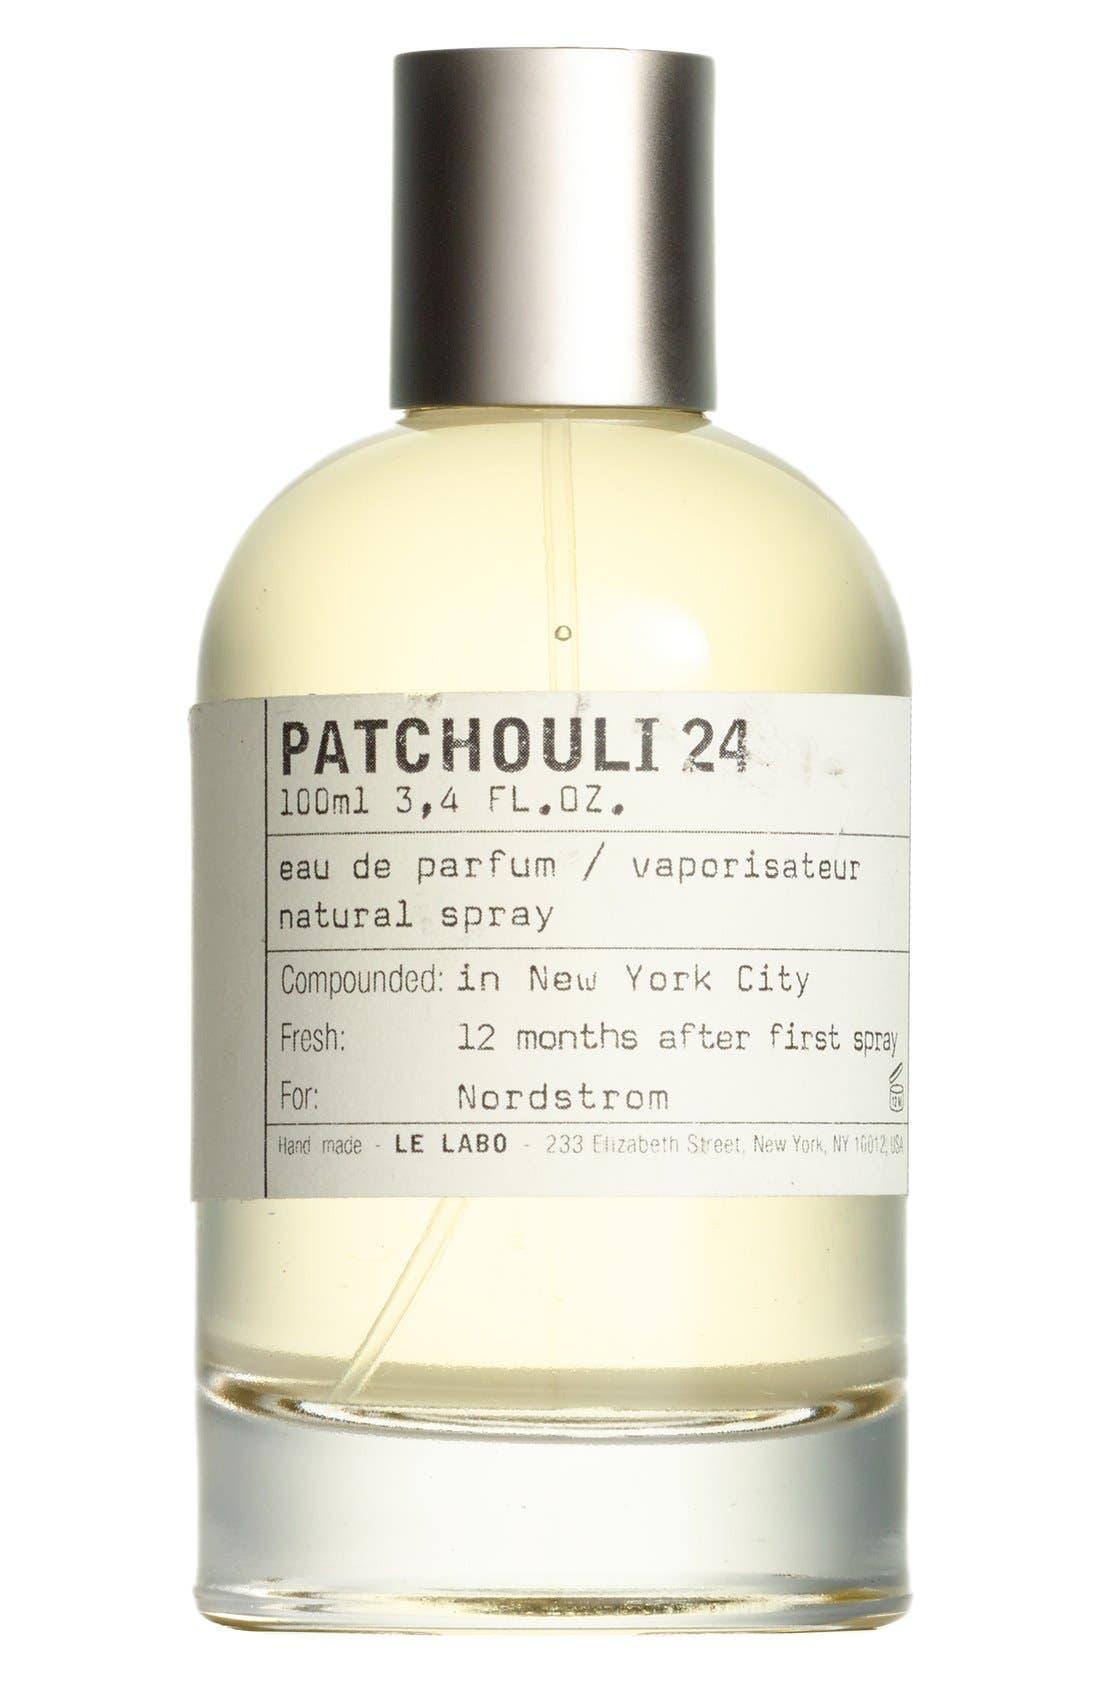 Le Labo 'Patchouli 24' Eau de Parfum